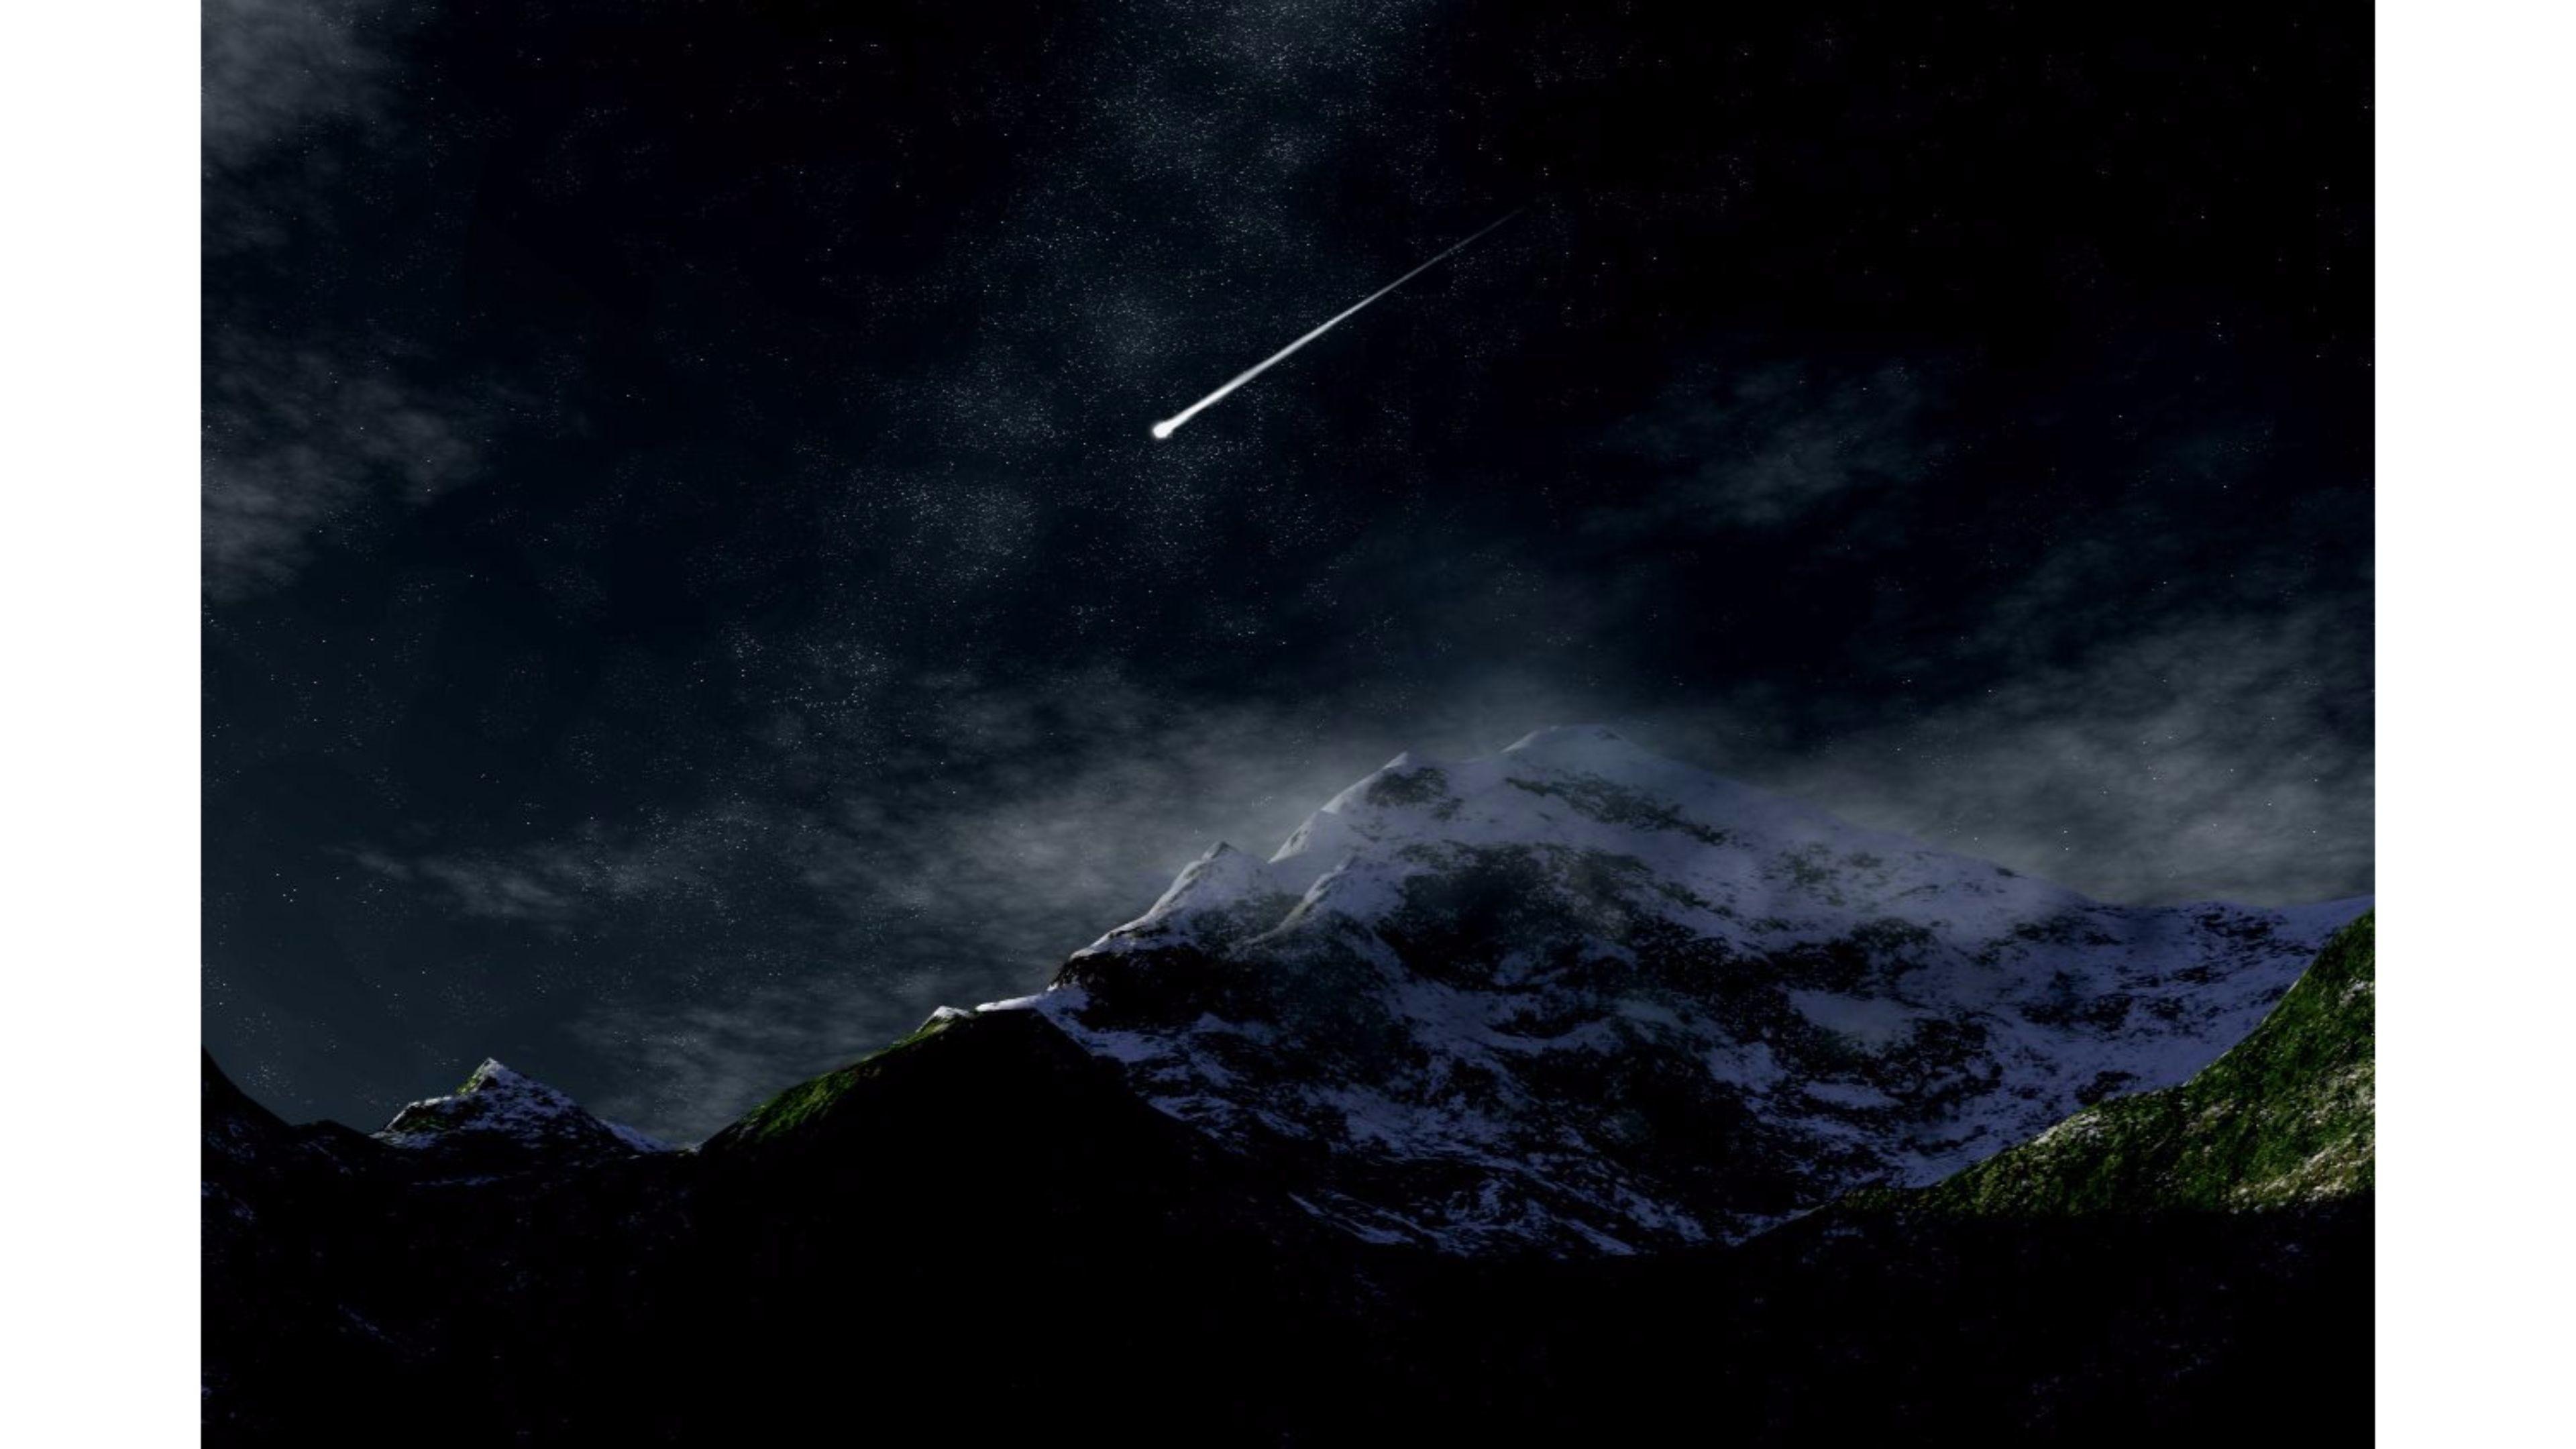 Res: 3840x2160, Shooting Star at Night 4K Wallpaper